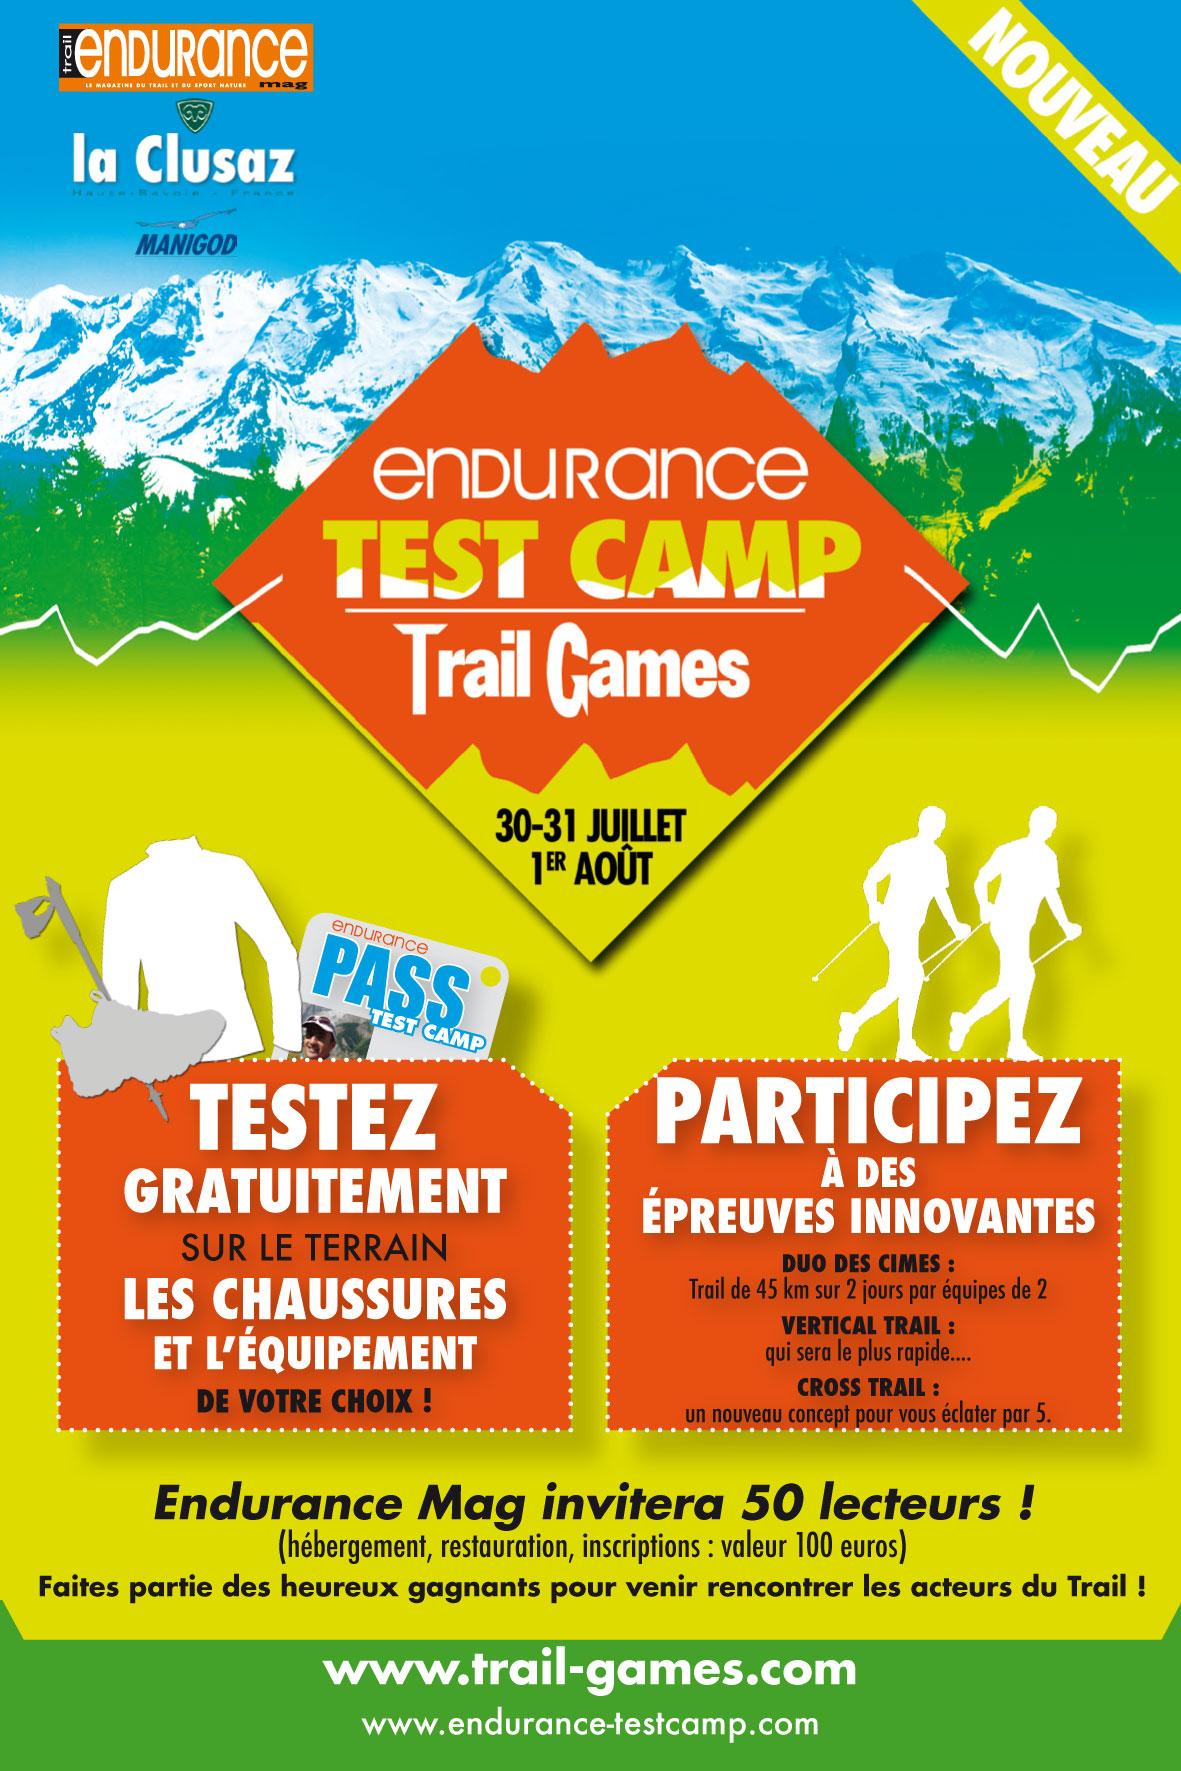 Endurance Test Camp & Trail Games 2010